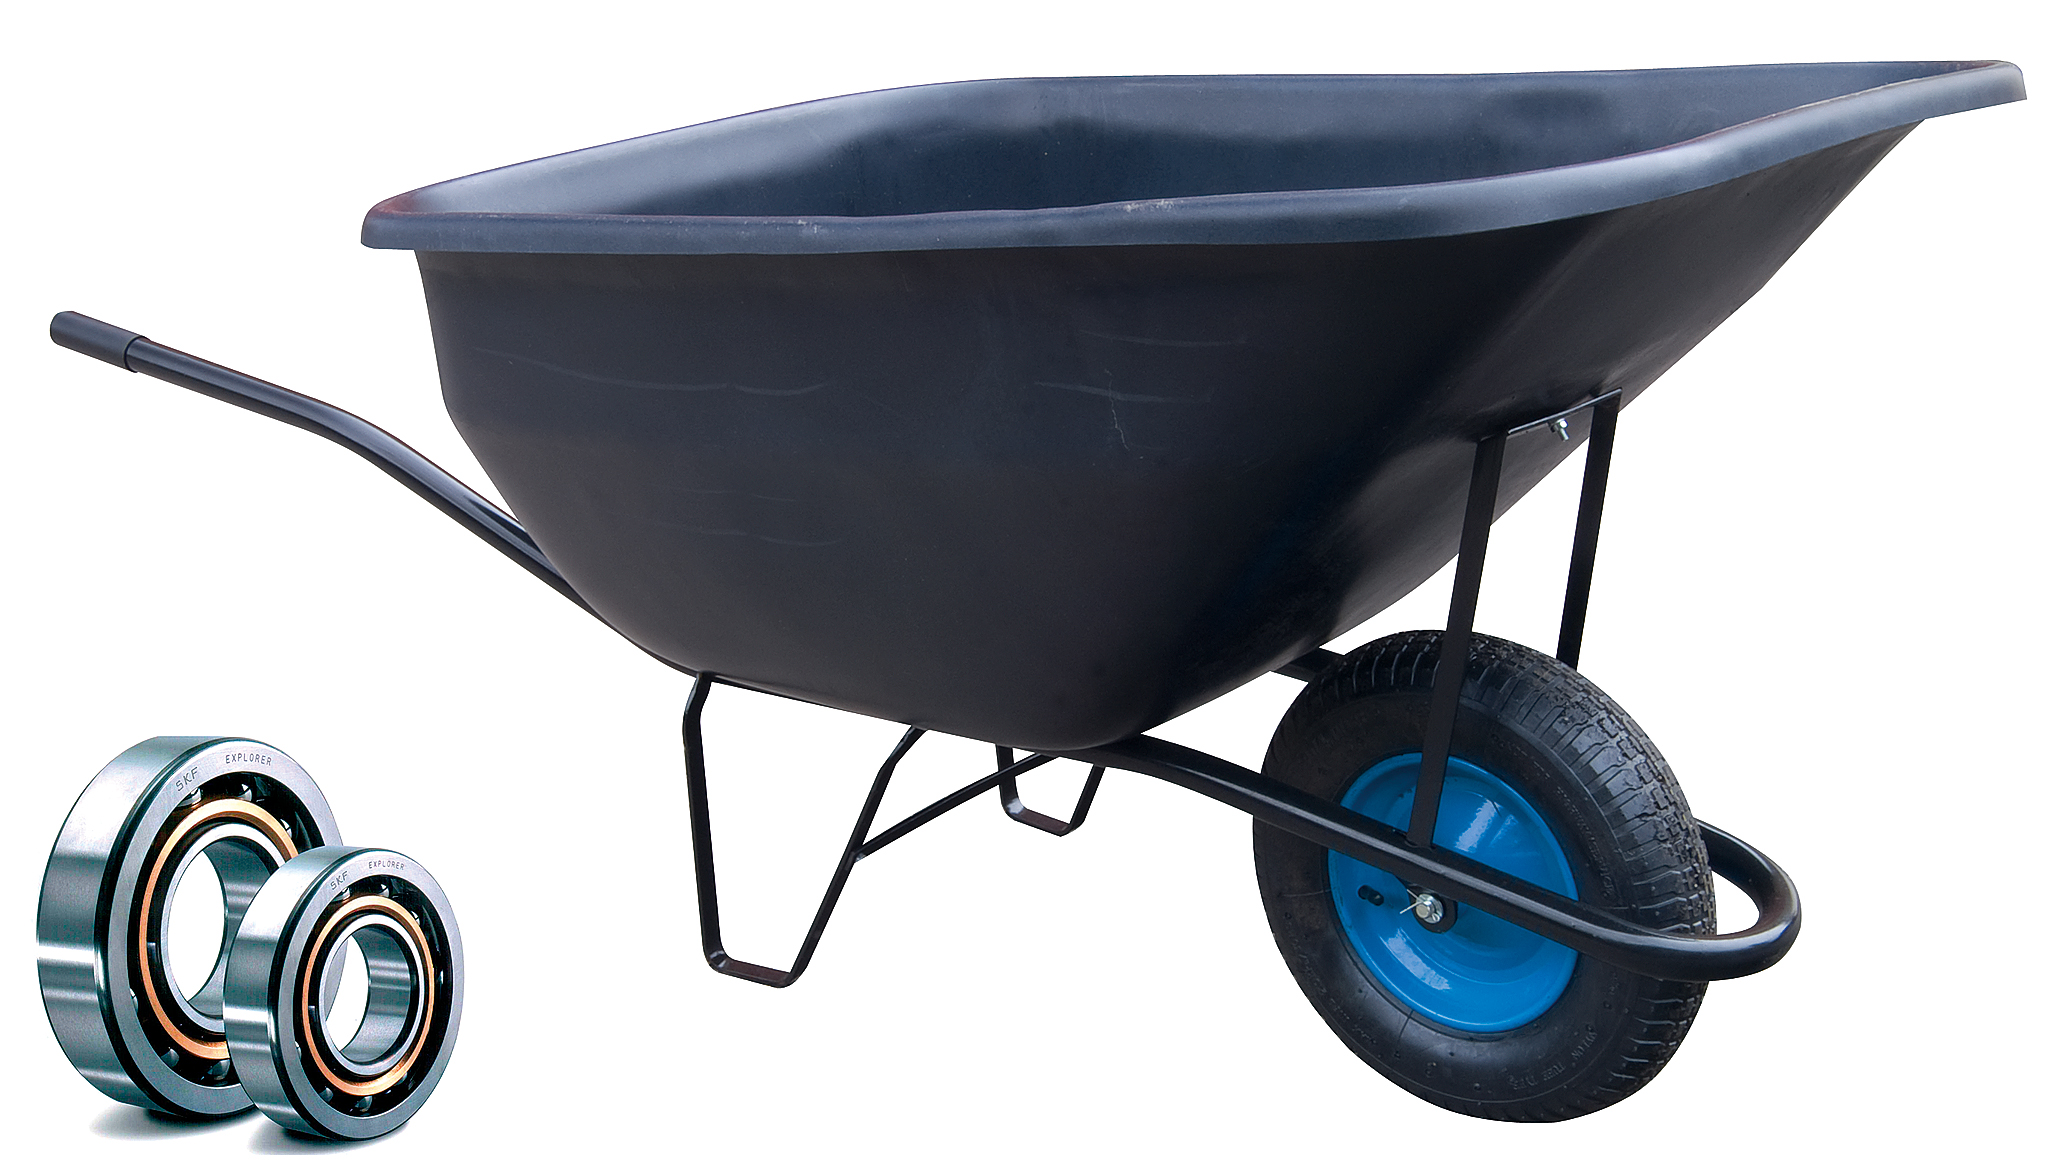 HTI Zahradní kolečko PROFI 180l s nafukovací pneumatikou KULIČKOVÁ LOŽISKA KZL11